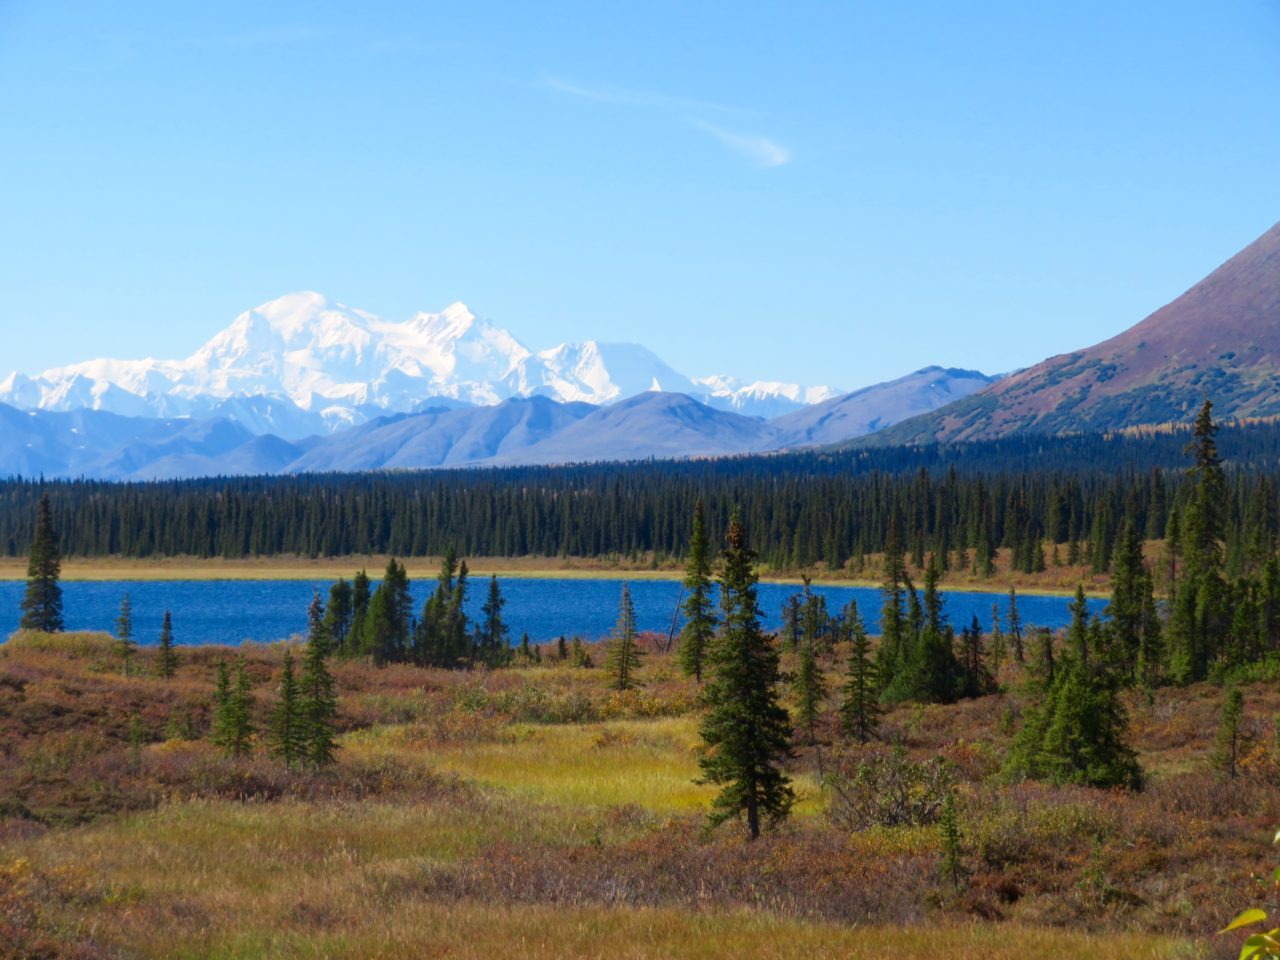 Beautiful Alaska landscape